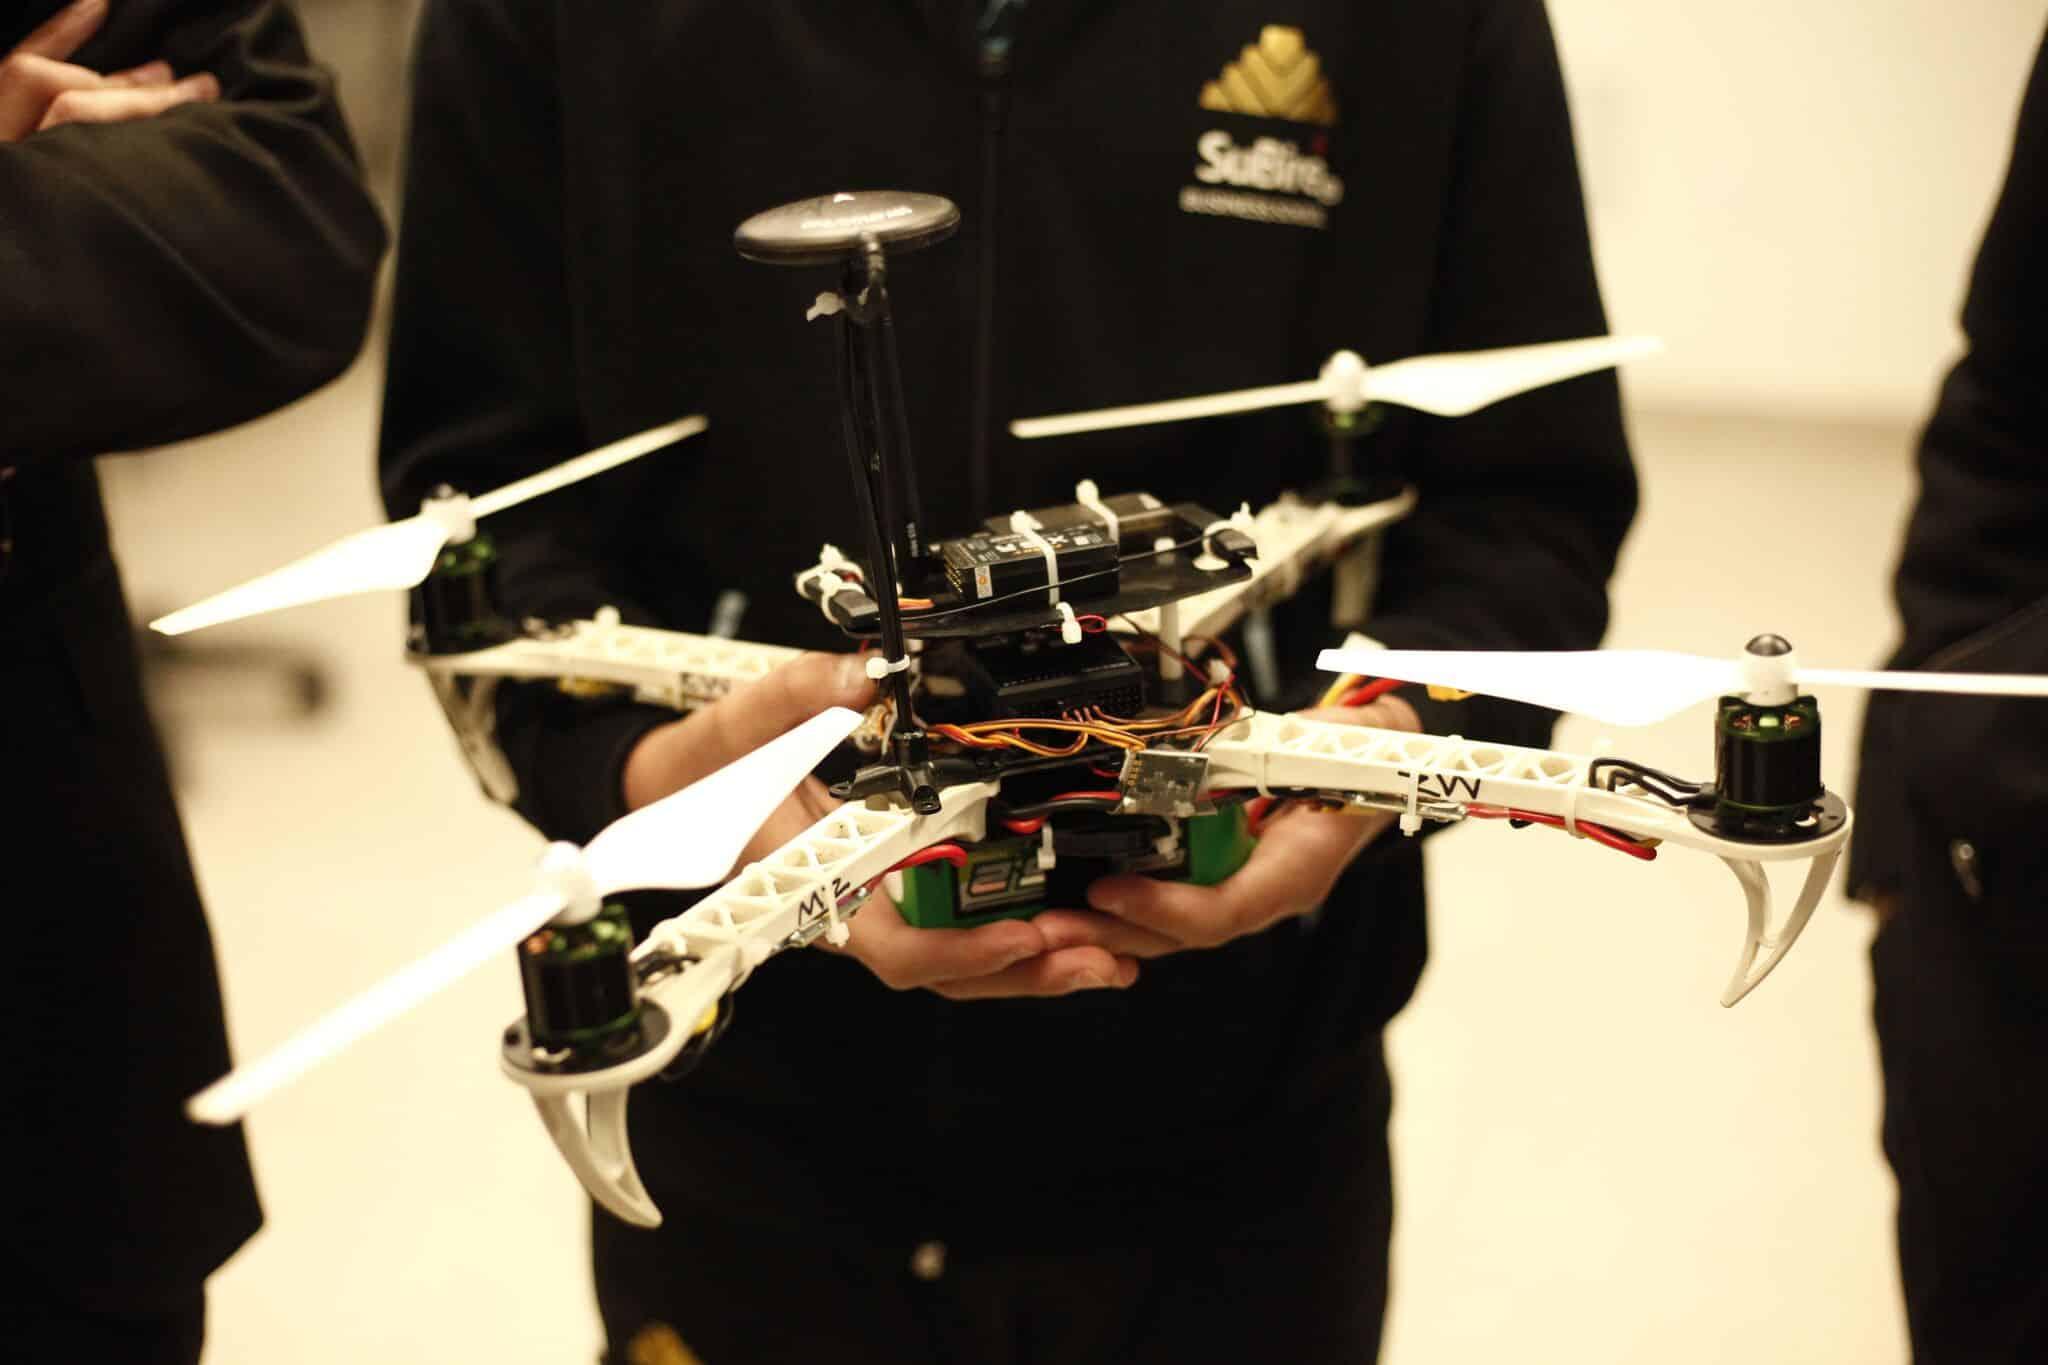 Un grupo de estudiantes mexicanos crean un drone anti bullying.